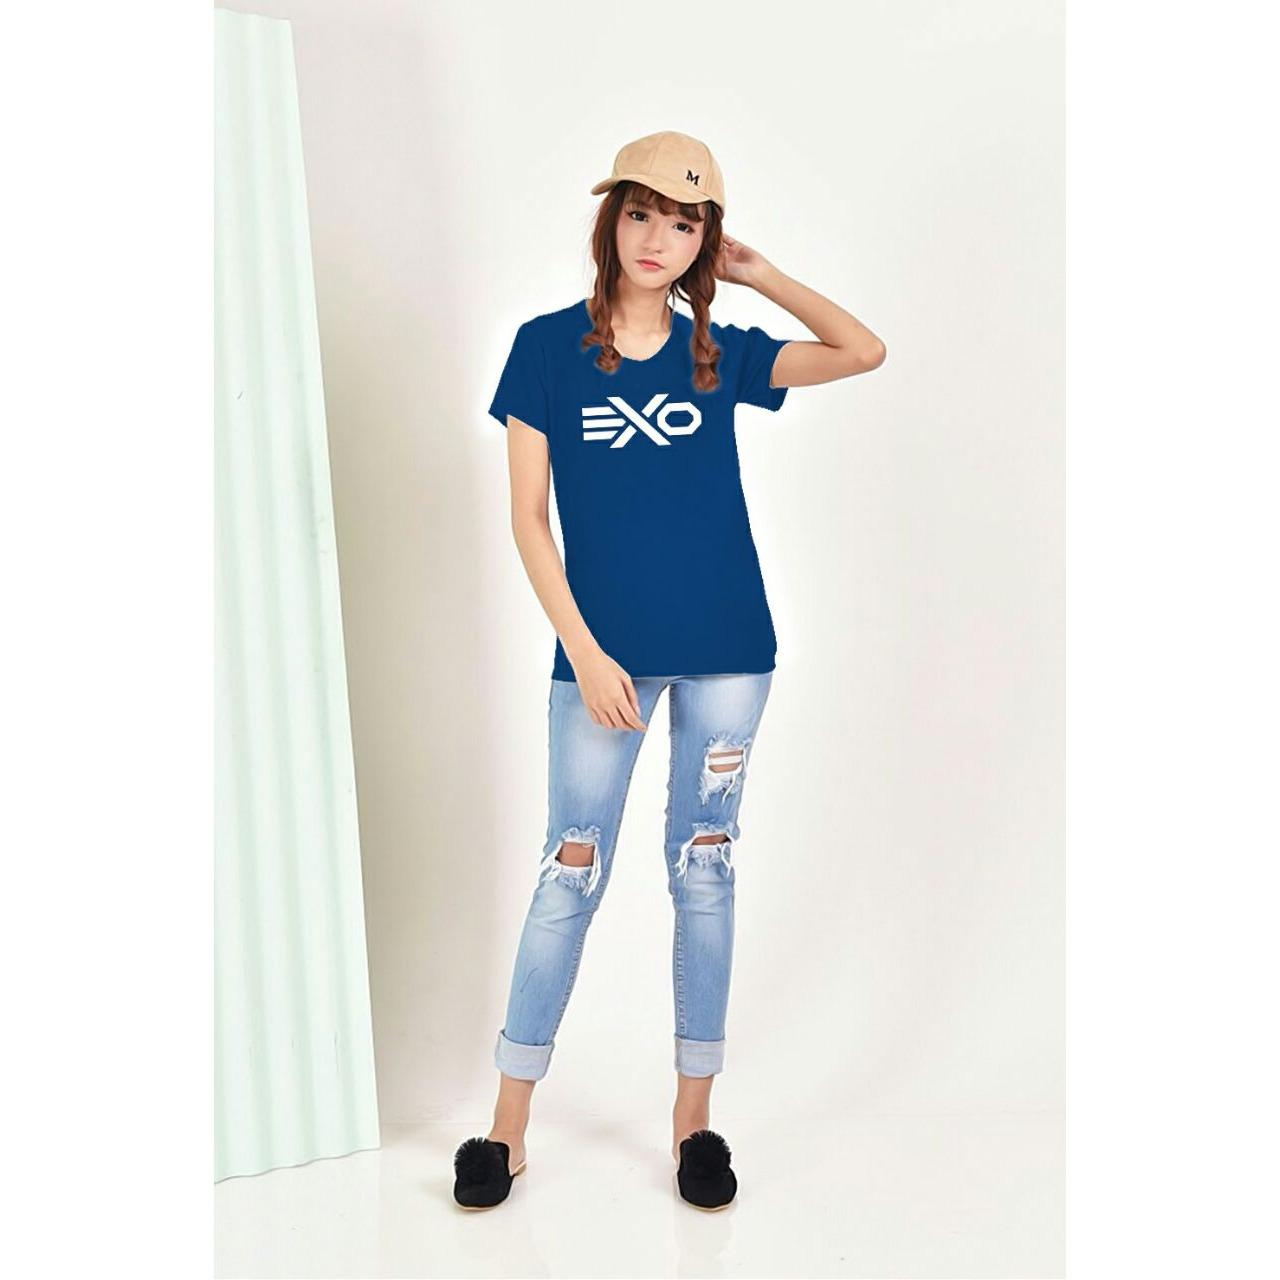 XV Kaos Wanita tee EXO/ T-shirt Distro Wanita / Baju Atasan Kaos Cewek / Tumblr Tee Cewek / Kaos Wanita Murah / Baju Wanita Murah / Kaos Lengan Pendek / Kaos Oblong / Kaos Tulisan